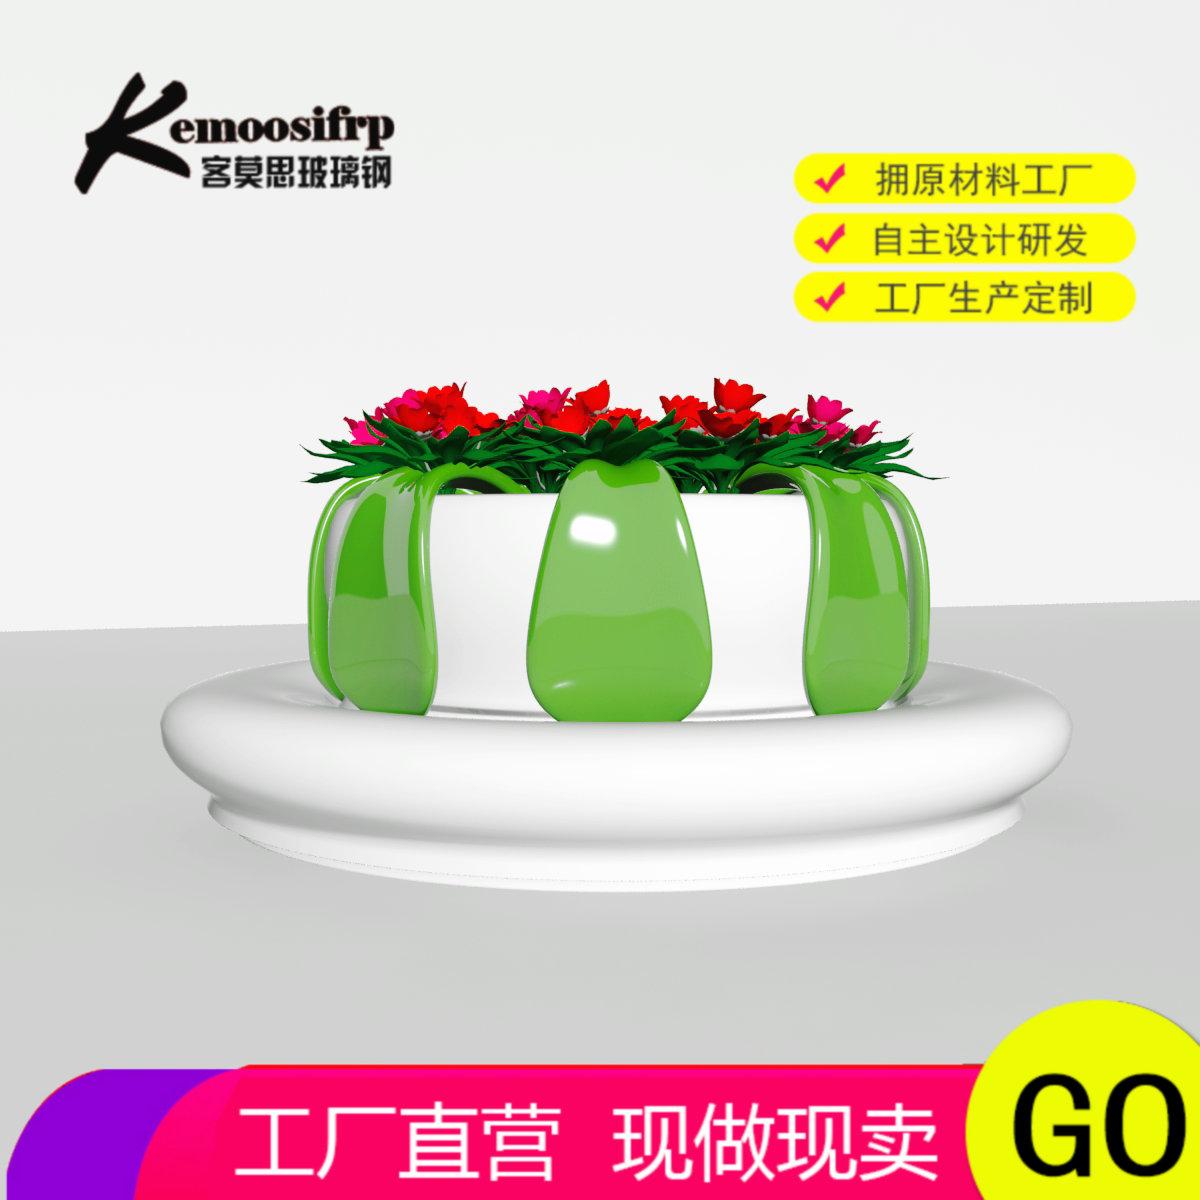 Trung tâm mua sắm Yulan ghế giải trí vẻ đẹp công cộng Chen nhà sản xuất đồ nội thất giải trí tùy chỉnh sản phẩm nóng bán trước - Nội thất thành phố